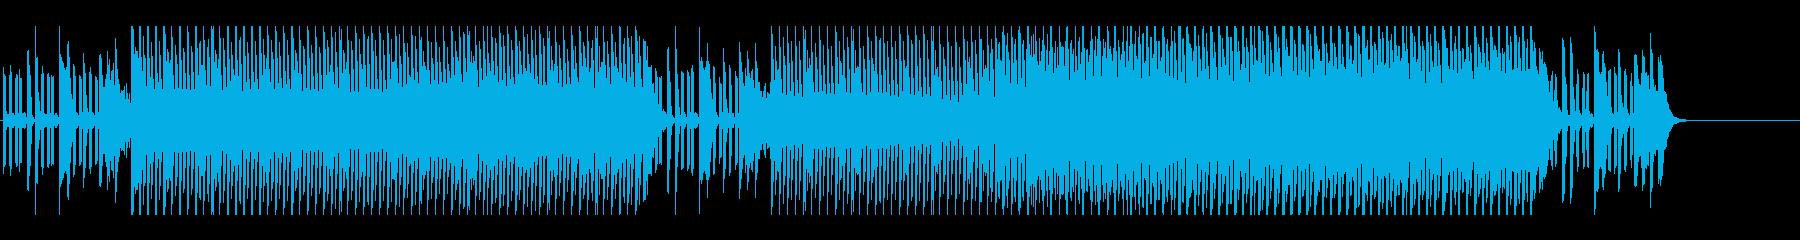 科学 情報 ドキュメント マジックショーの再生済みの波形